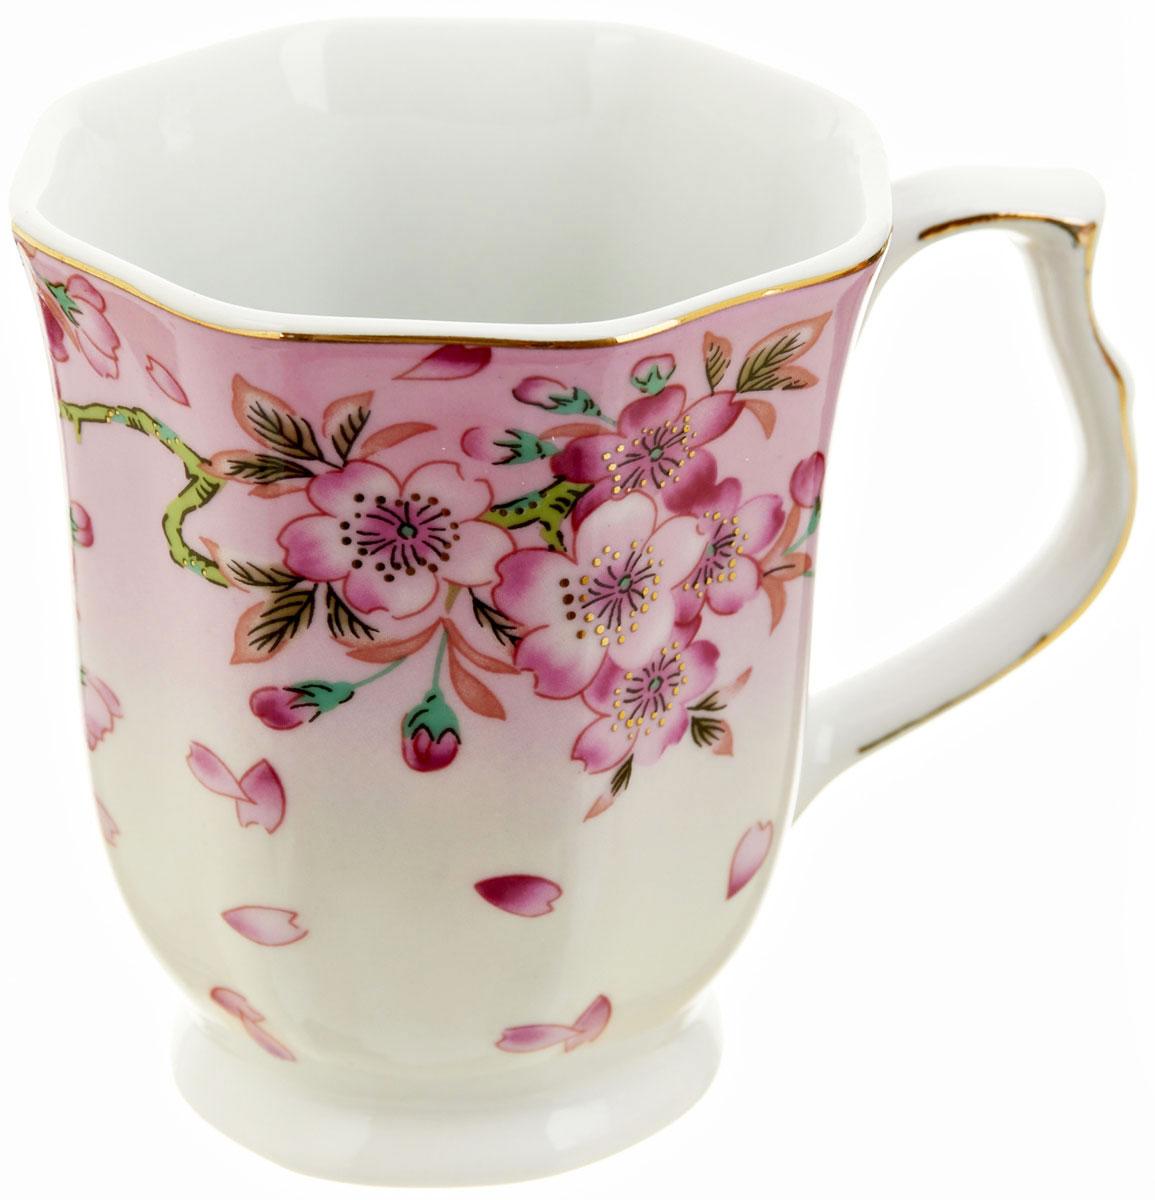 Кружка BHP Яблоневый цвет, 350 млM1270279Оригинальная кружка Best Home Porcelain, выполненная из высококачественного фарфора, сочетает в себе простой, утонченный дизайн с максимальной функциональностью. Можно использовать в посудомоечной машине.